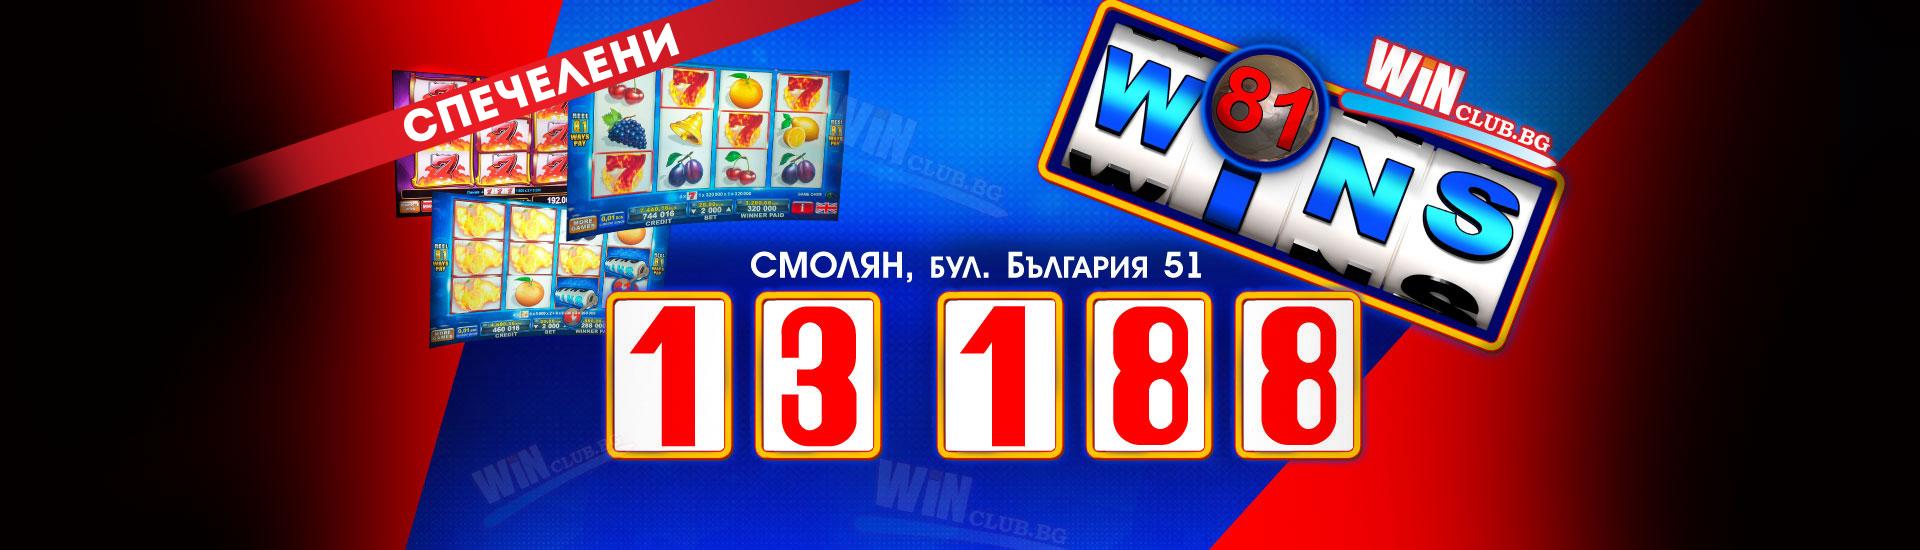 site-WIN-81